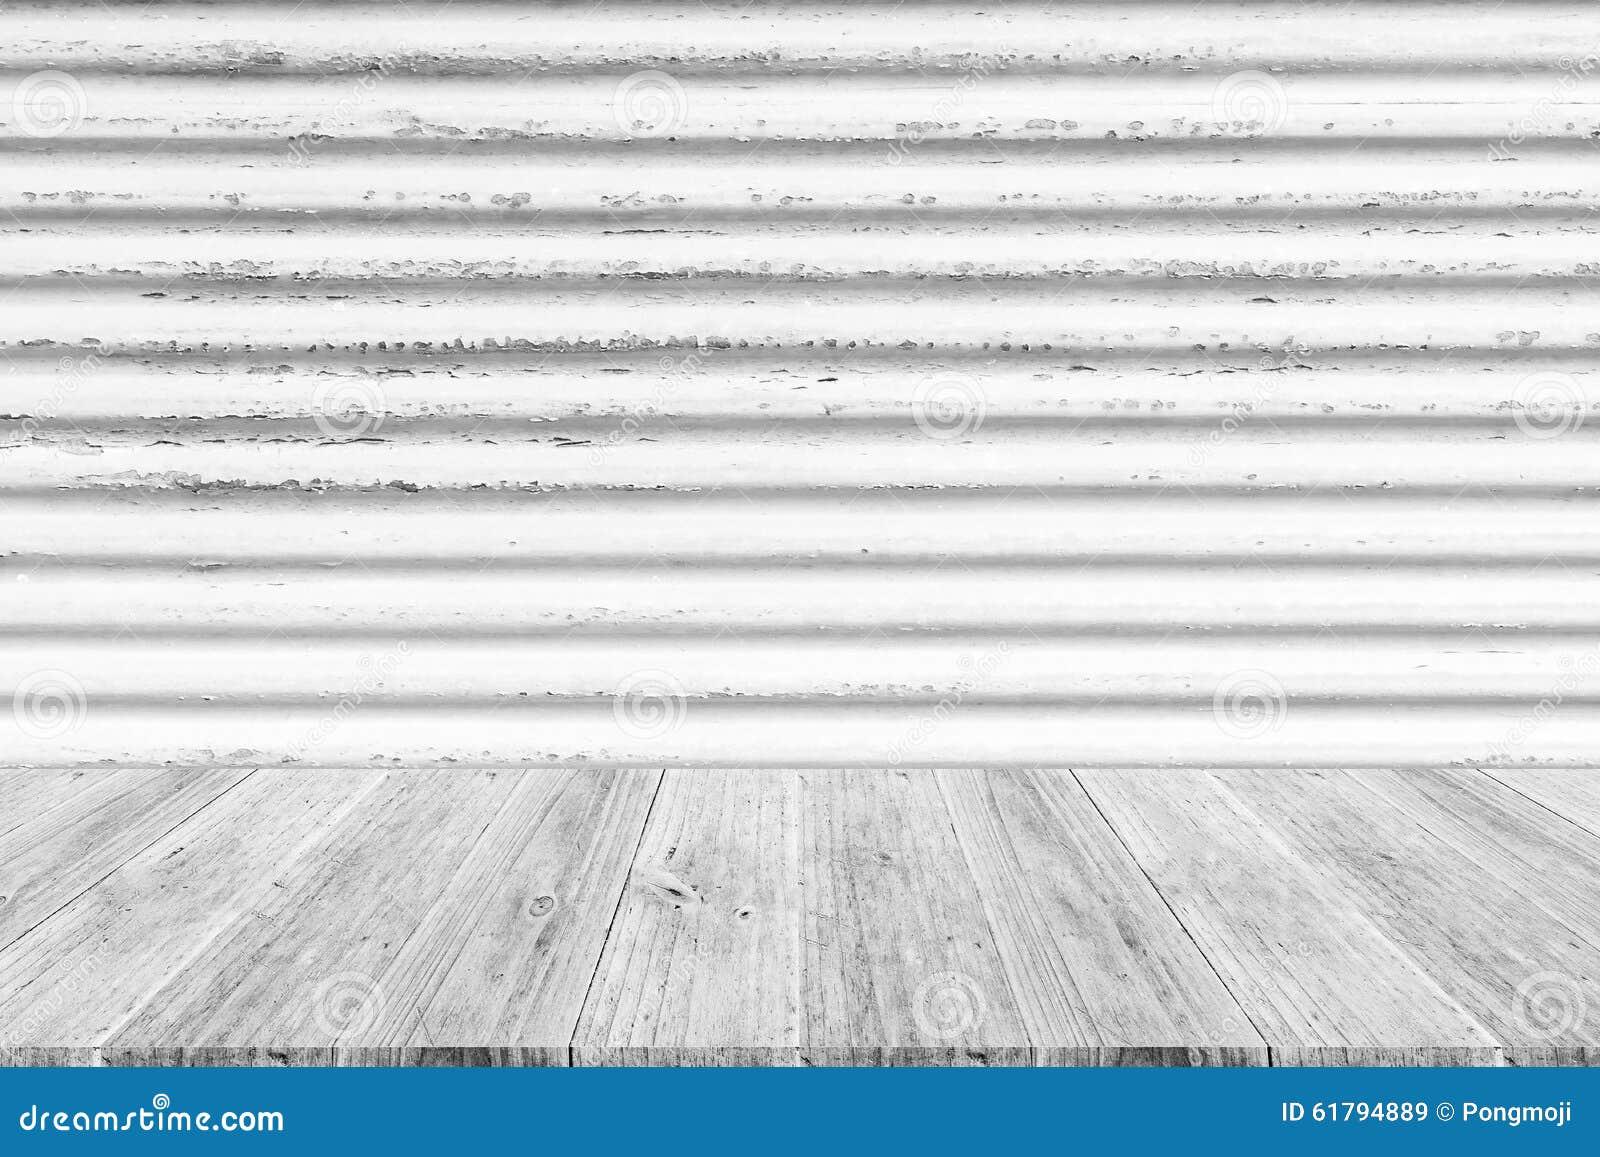 texture de mur terrasse et de rouille en bois en m tal photo stock image 61794889. Black Bedroom Furniture Sets. Home Design Ideas